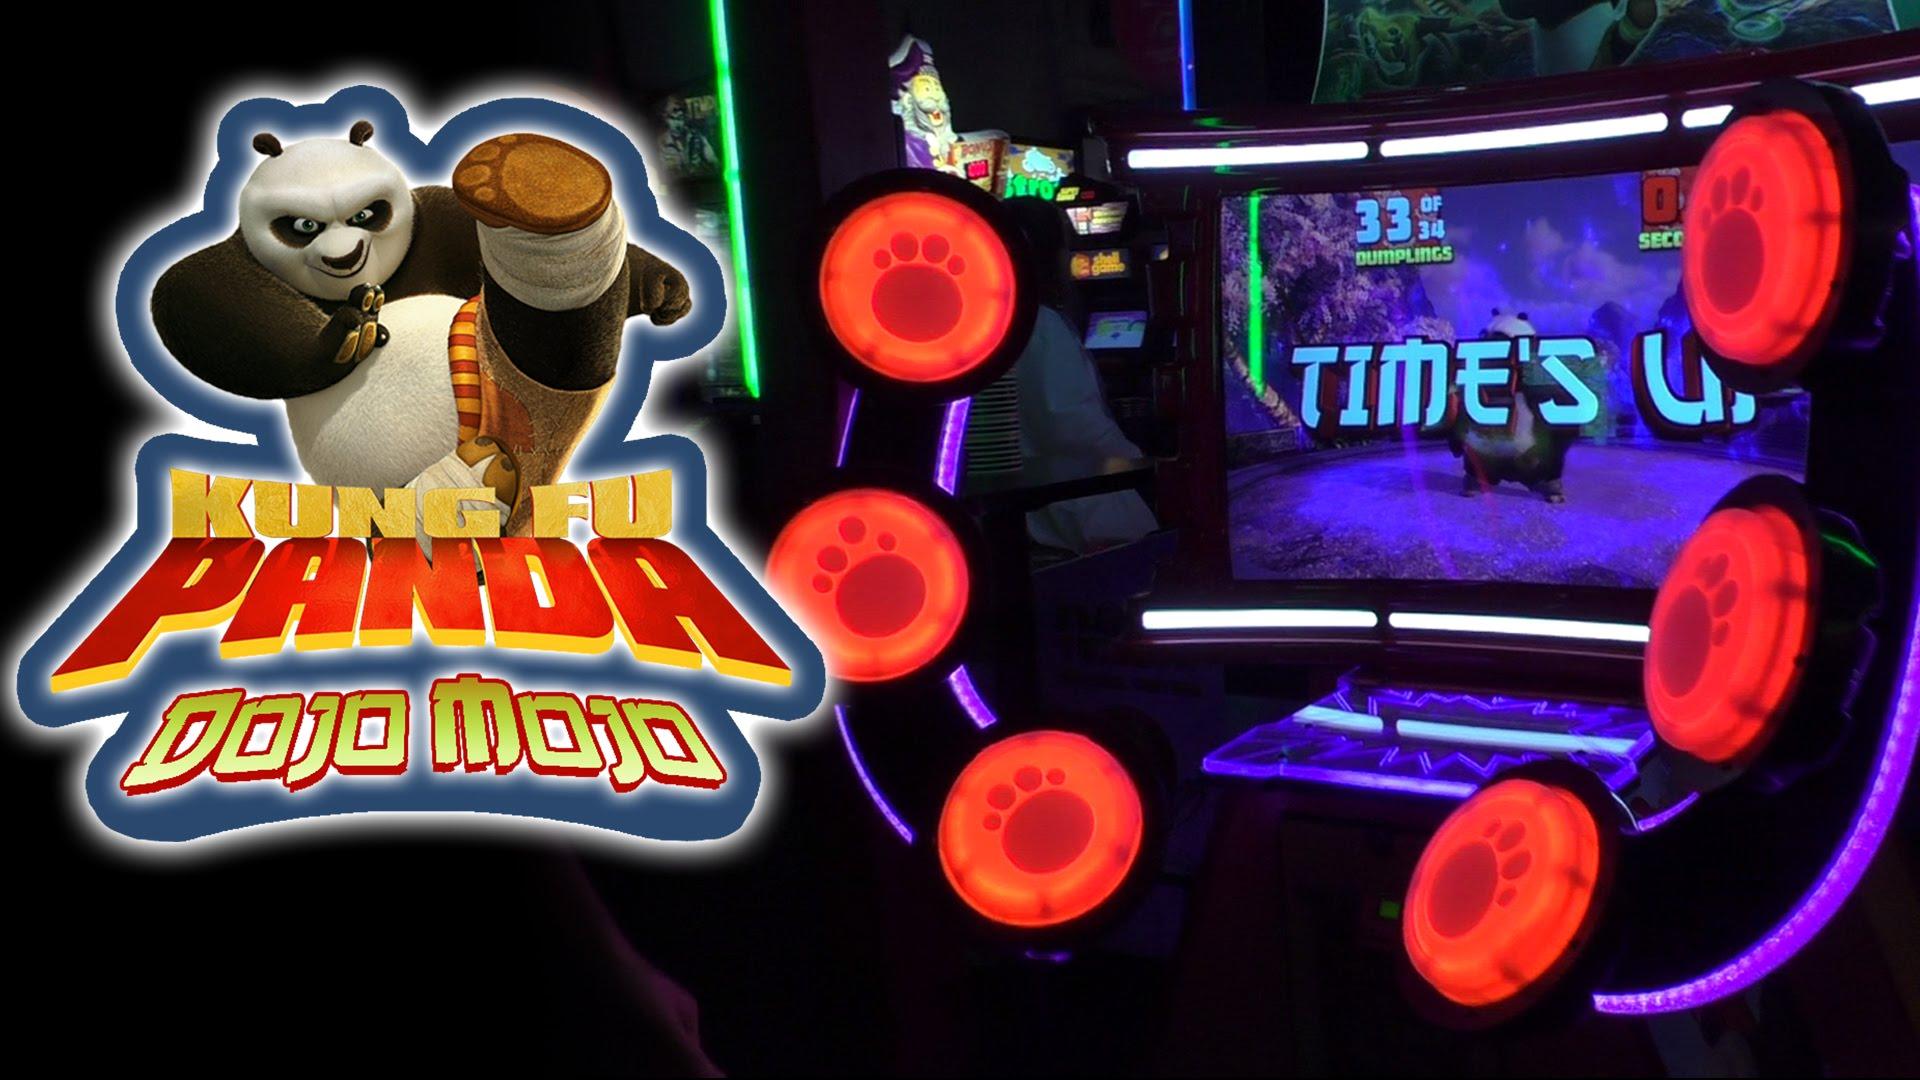 игровой автомат аттракцион Kung-Fu Panda